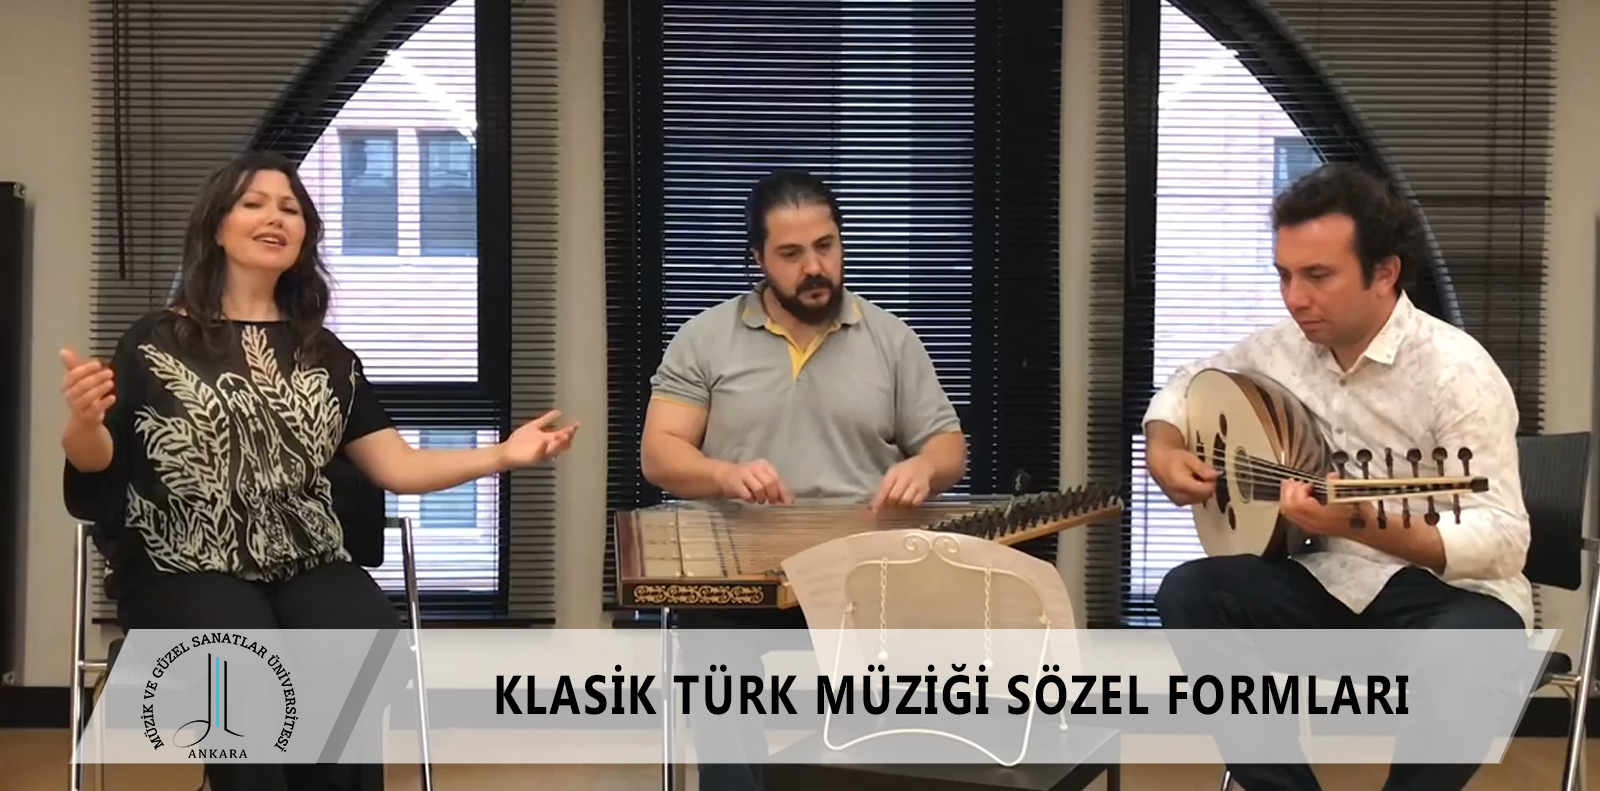 EBA TV KLASİK TÜRK MÜZİĞİ SÖZEL FORMLARI